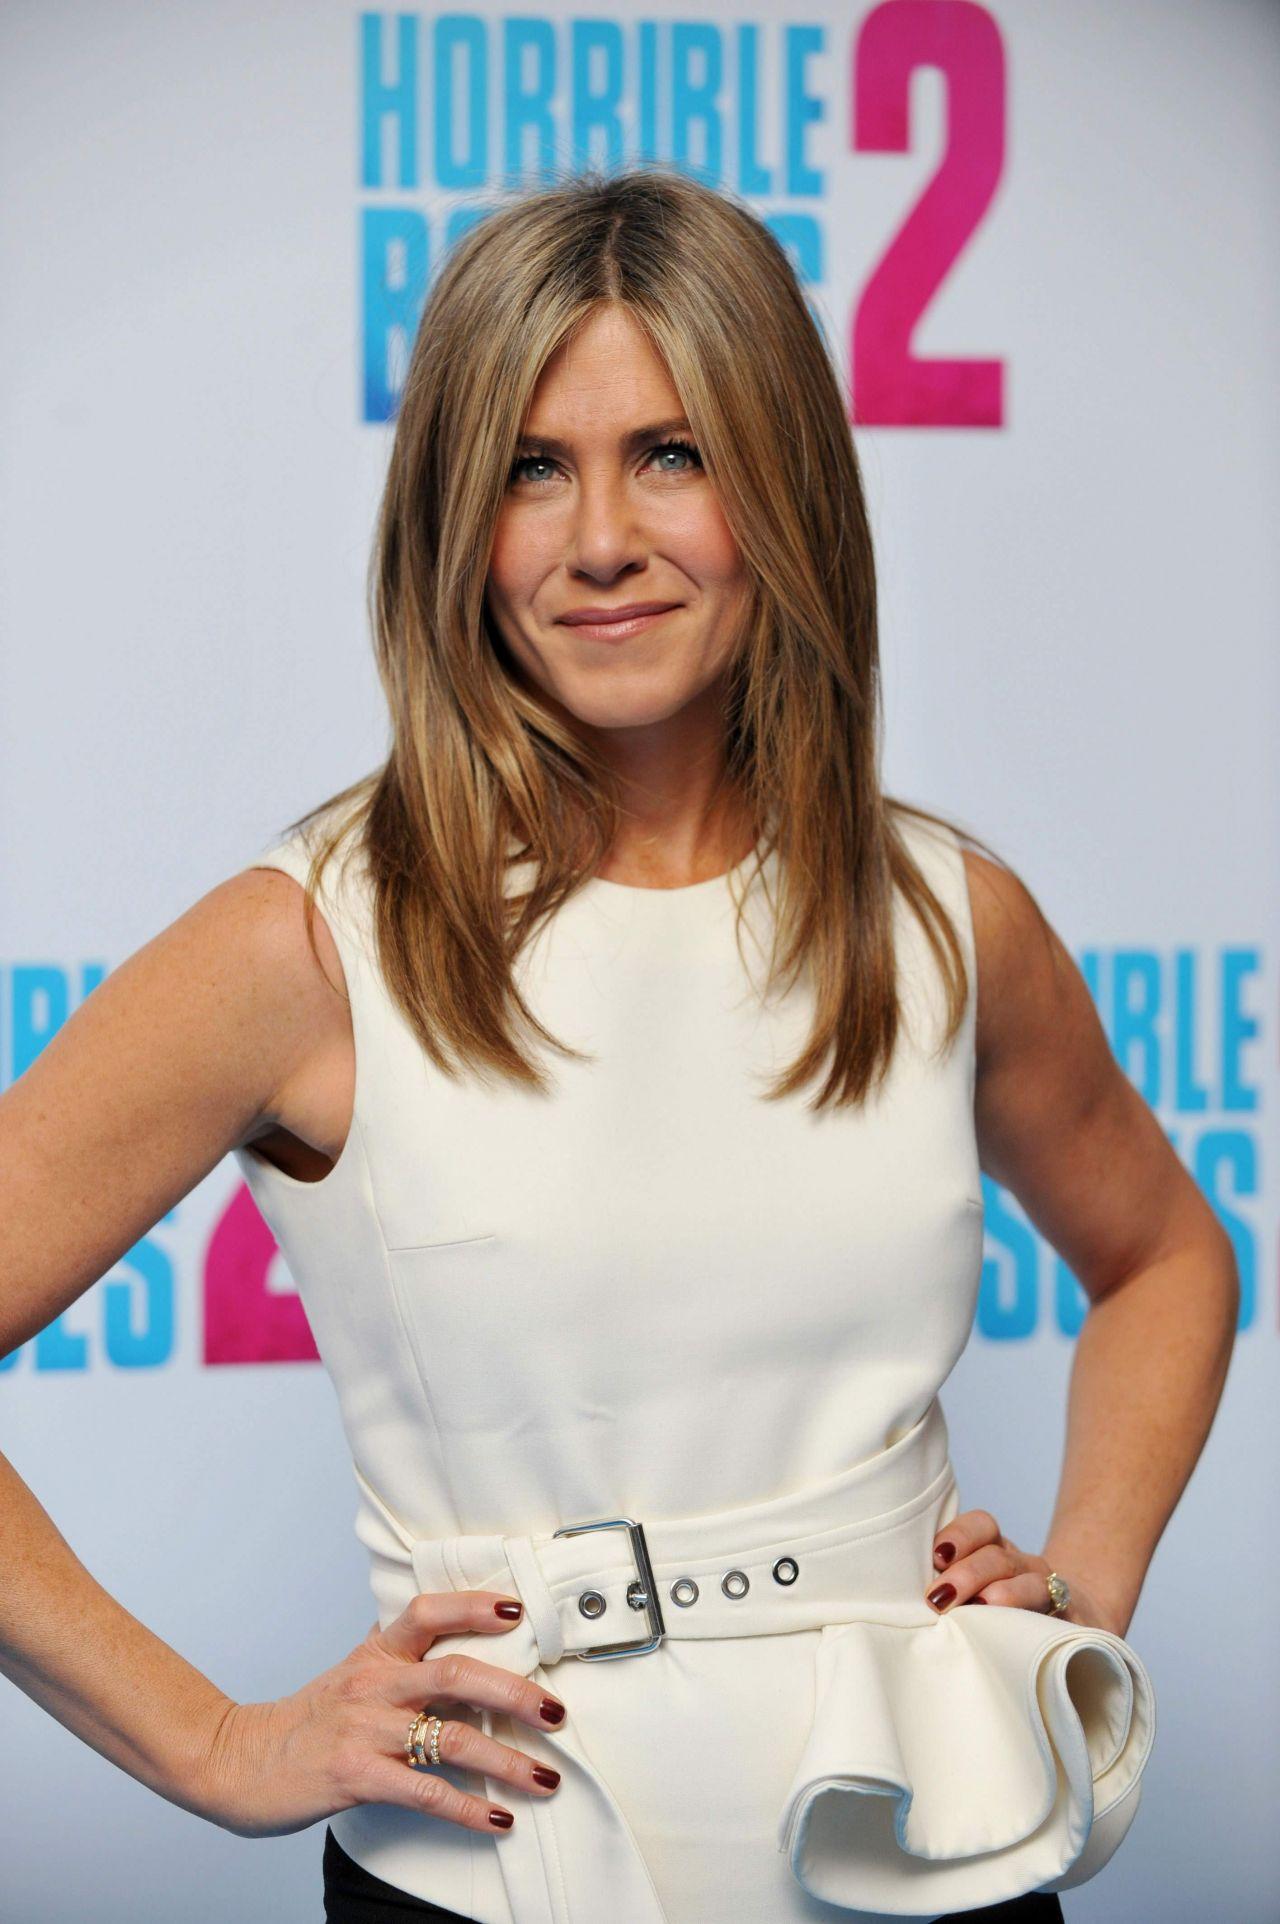 Jennifer Aniston Horrible Bosses 2 Photocall In London